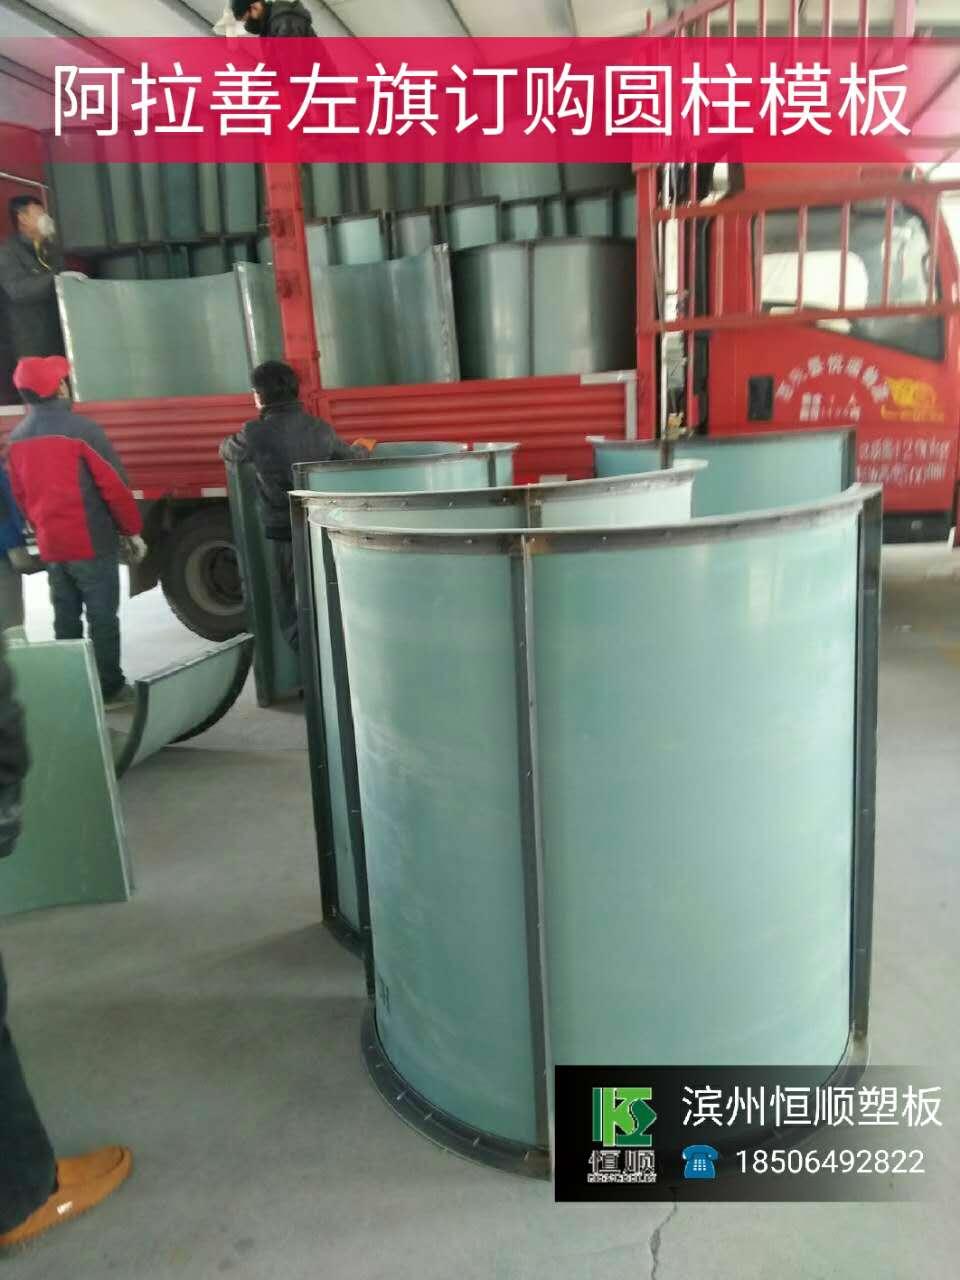 内蒙古订购的塑料圆柱建筑bob娱乐发货喽